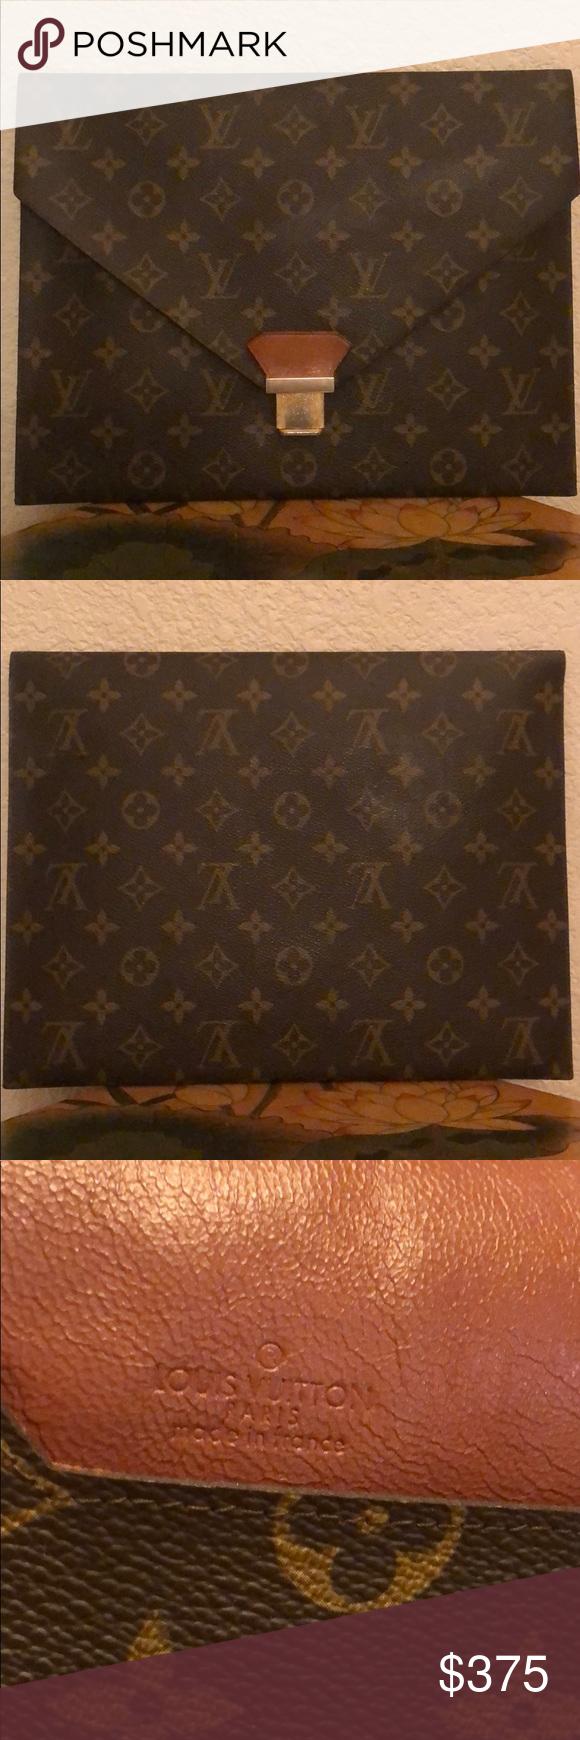 Authentic Vintage Lv Envelope Document Clutch Vintage Louis Vuitton Bag Clutch